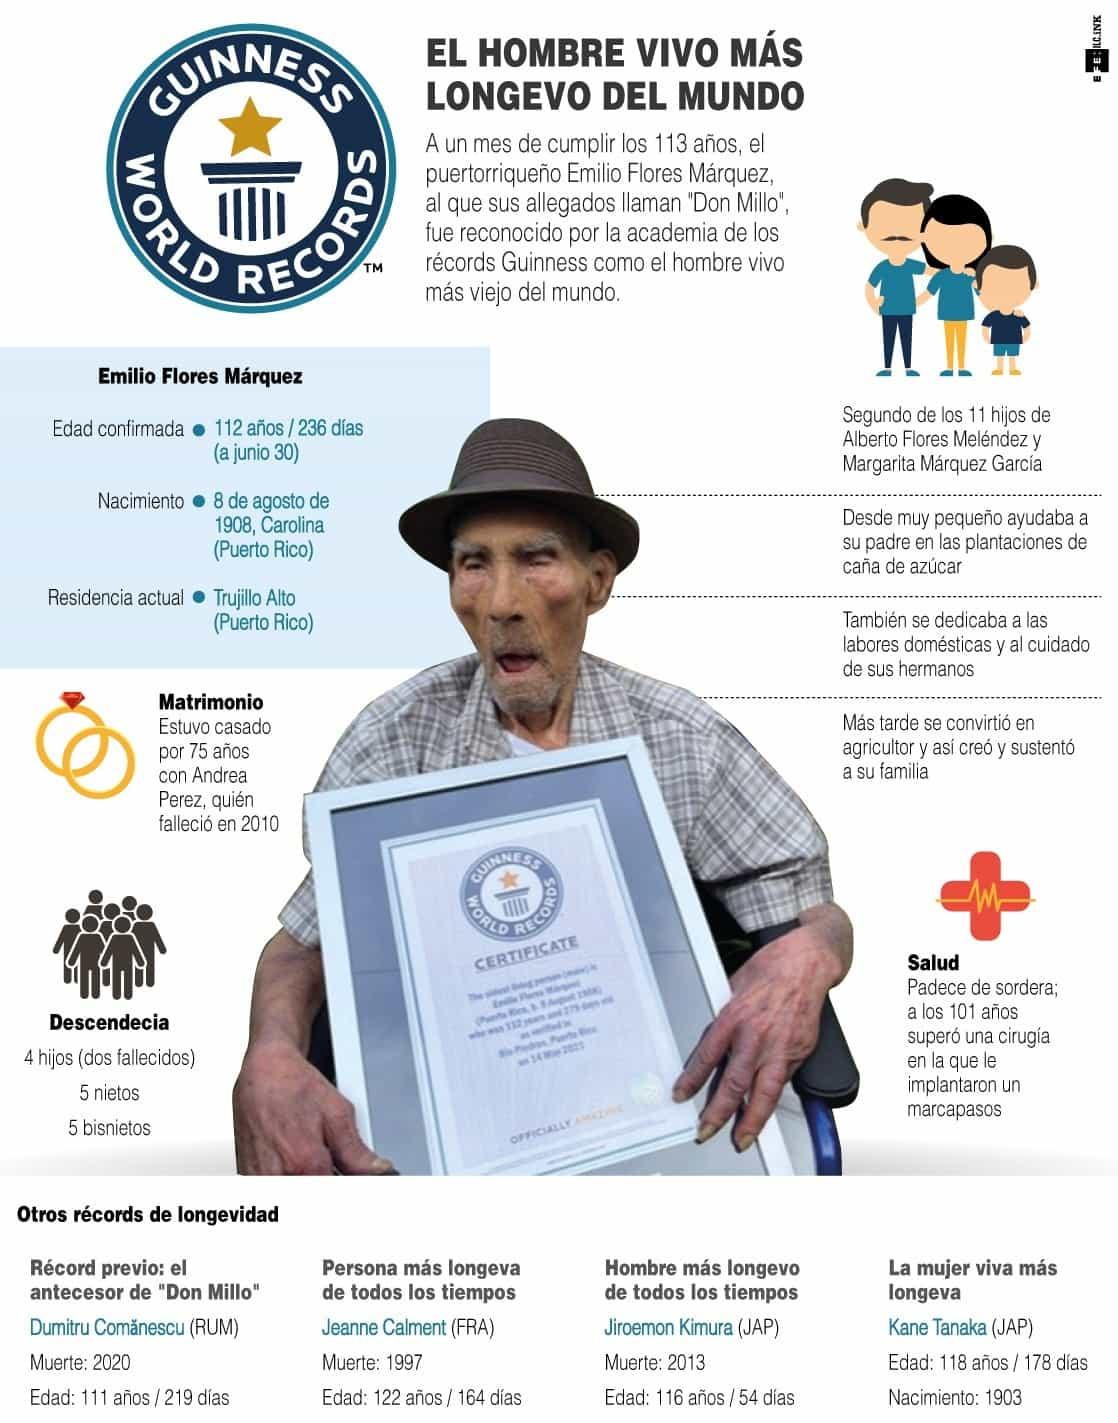 [Infografía] El hombre más longevo del mundo: el puertorriqueño Emilio Flores, de 112 años 1